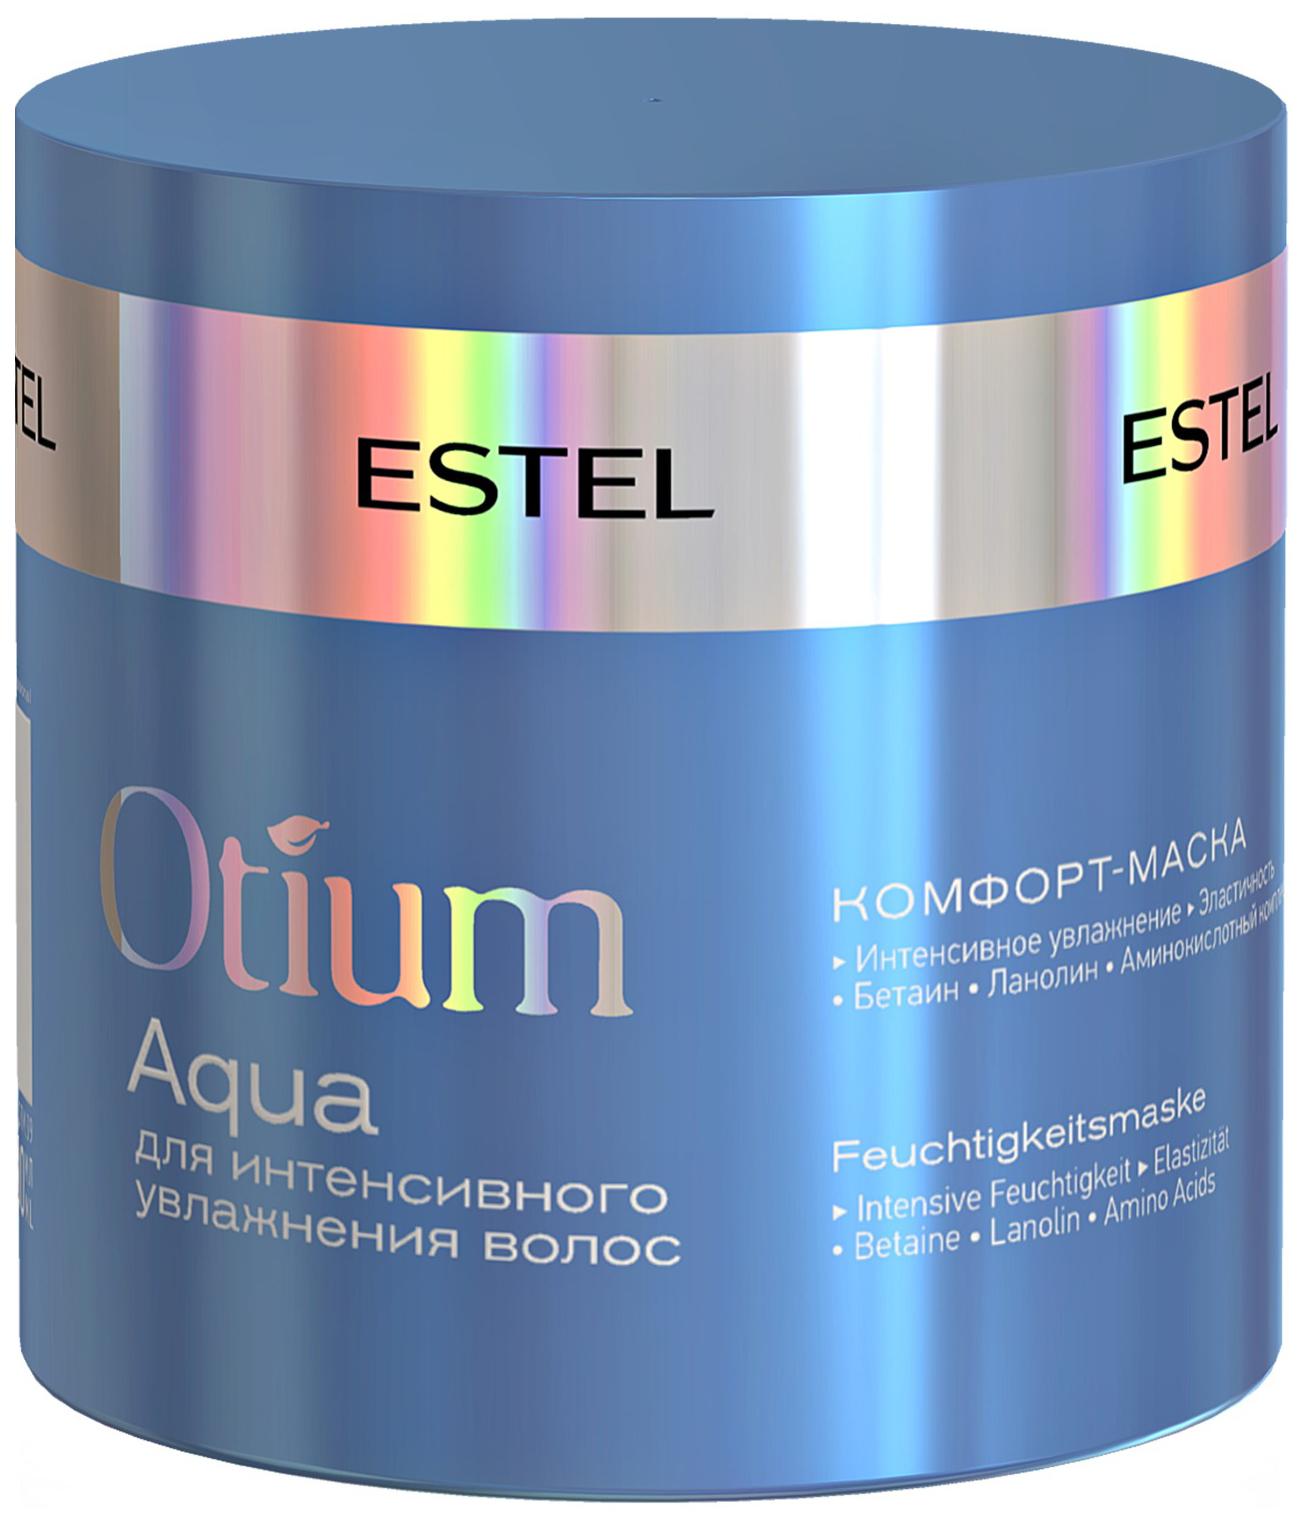 Купить Маска для волос Estel Professional Otium Aqua 300 мл